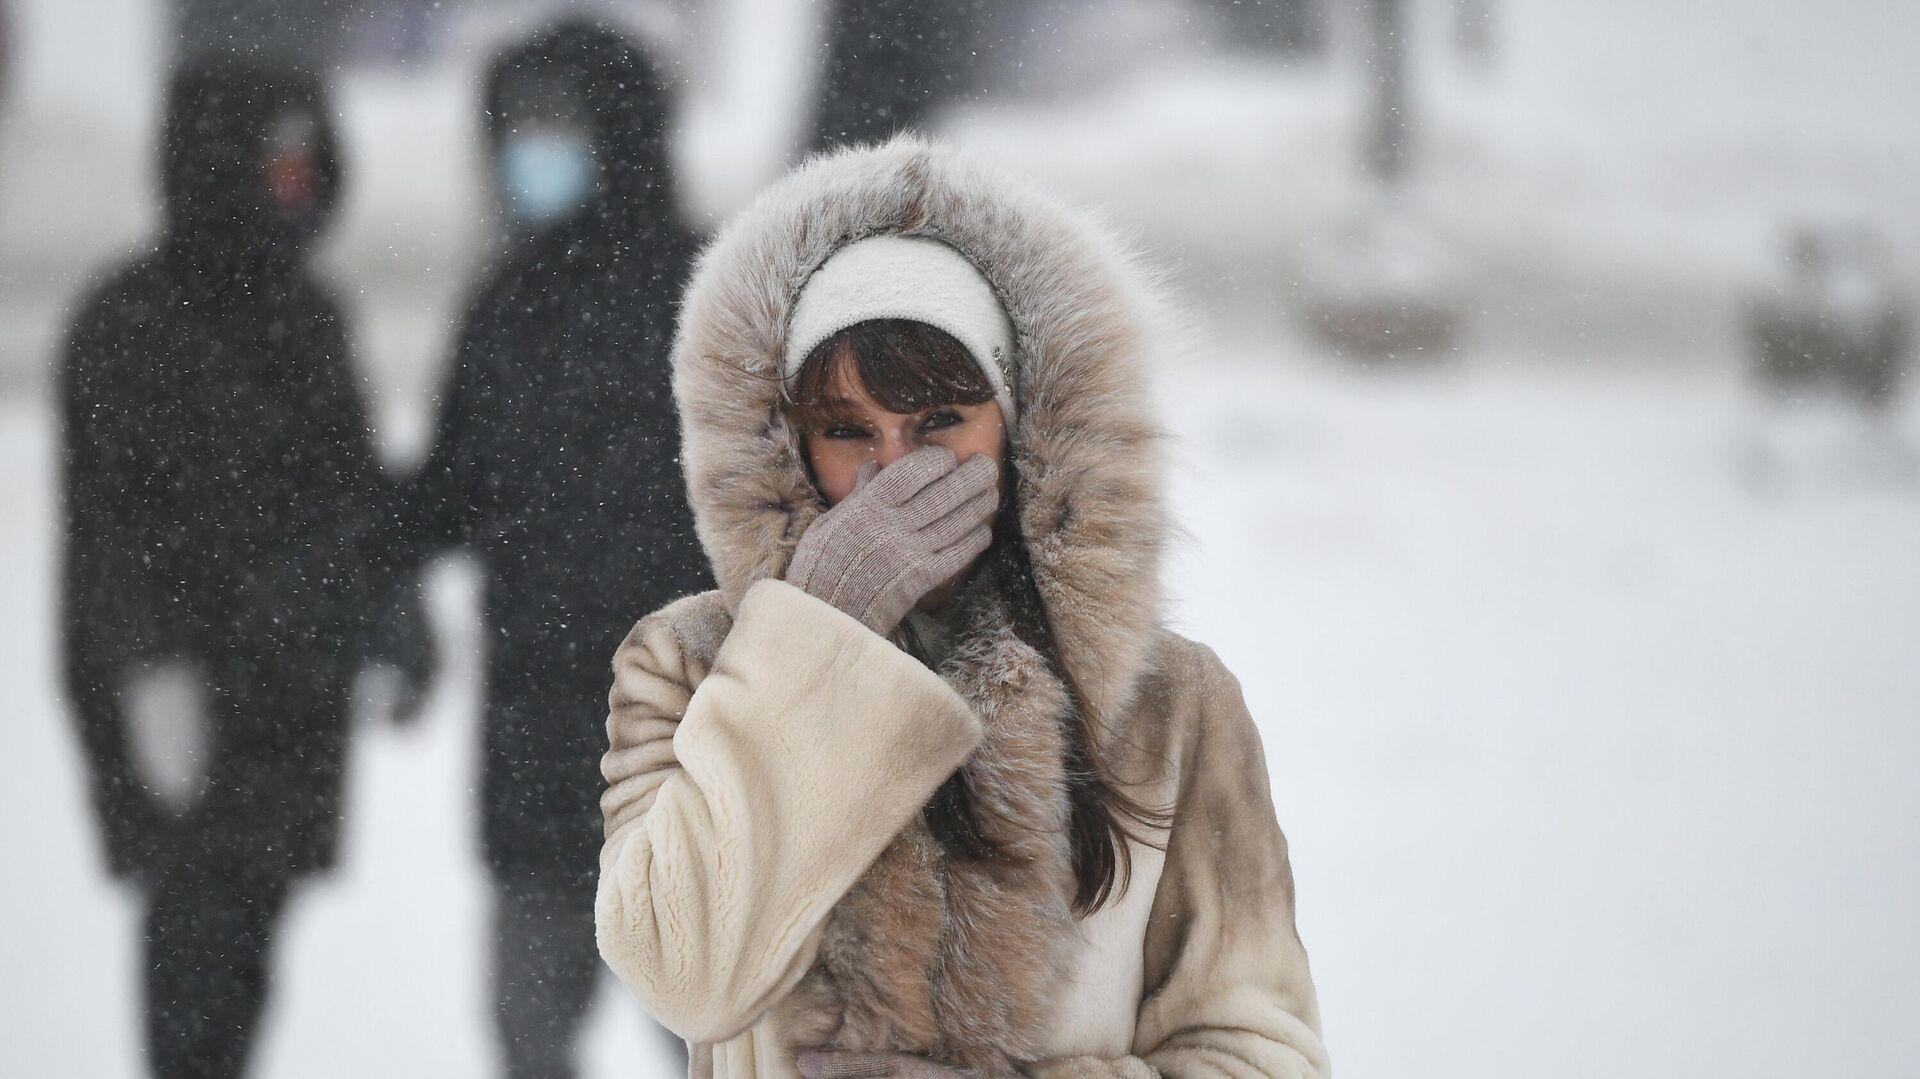 Зима в Москве  - РИА Новости, 1920, 25.02.2021